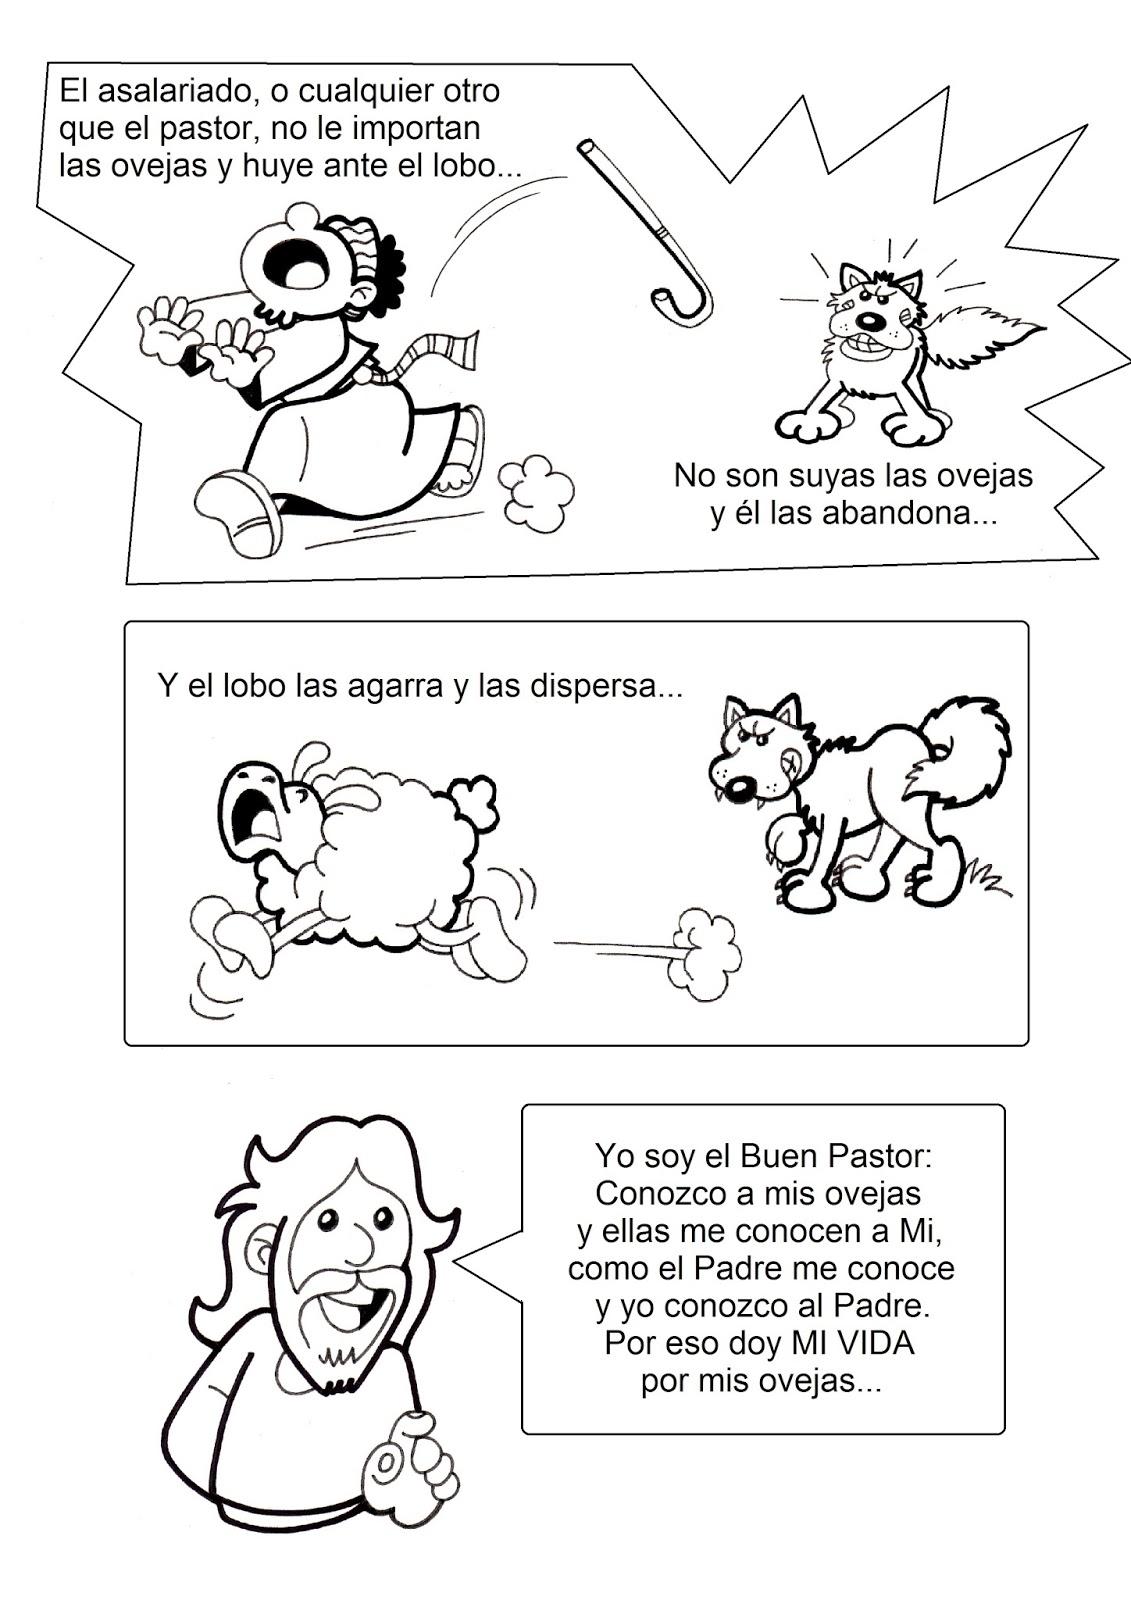 Erlijioko Irakaslea Comparacion Con El Buen Pastor